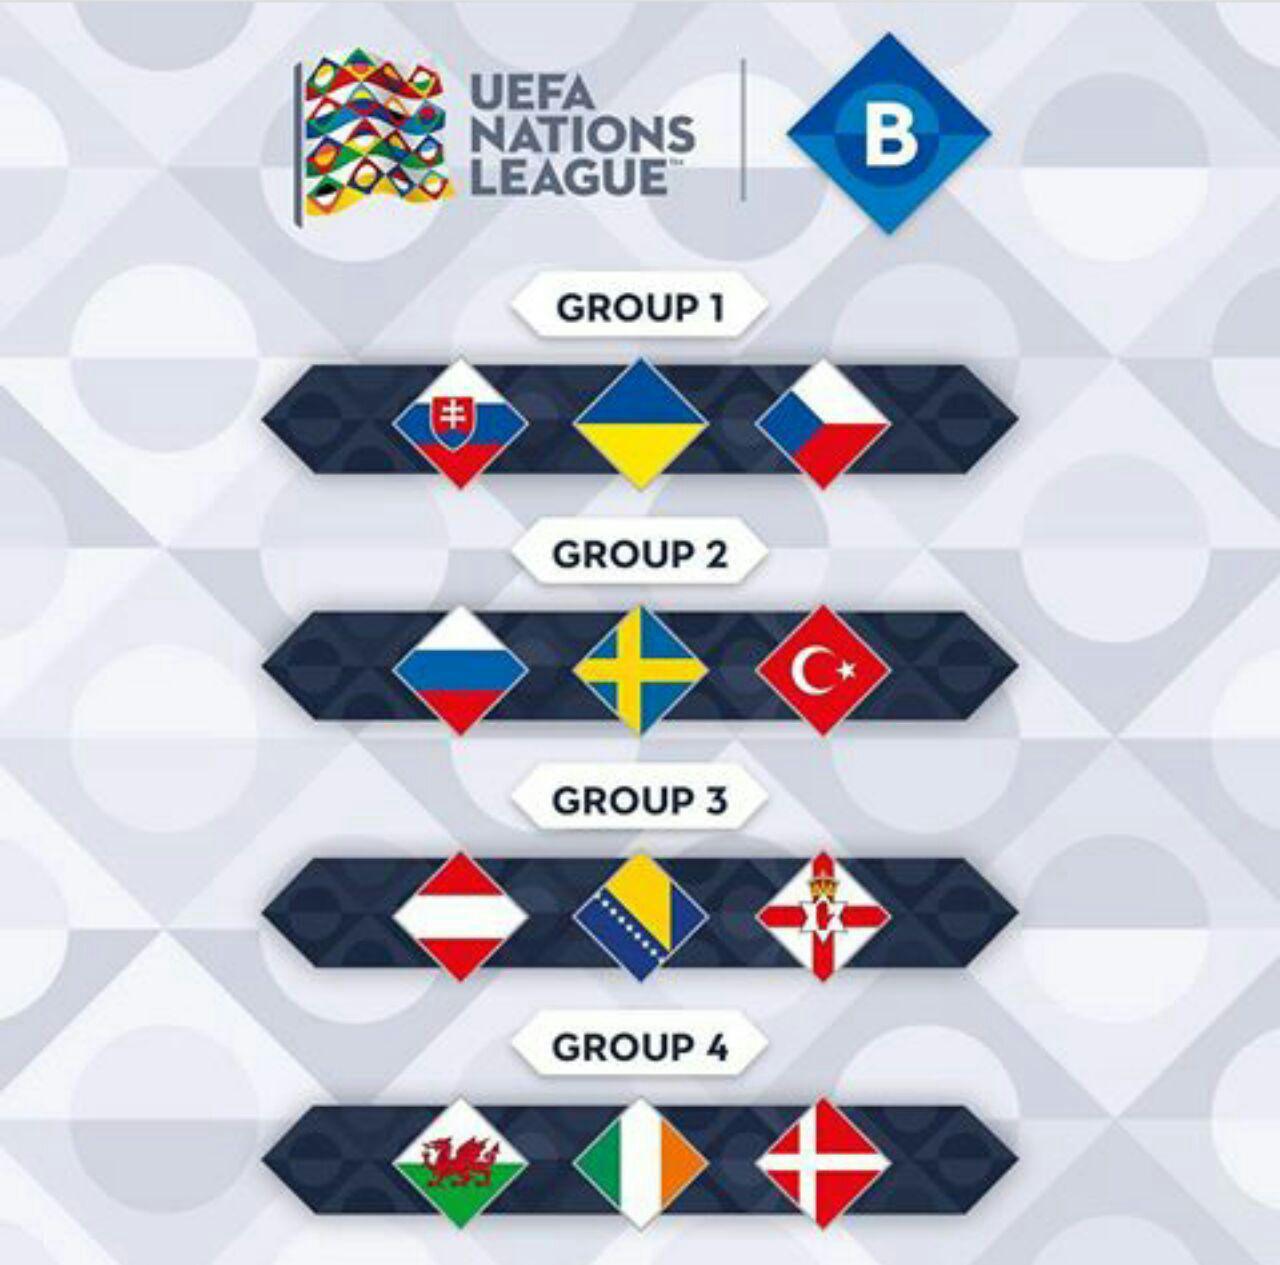 نتایج کامل دیدارهای امشب لیگ ملتهای فوتبال اروپا